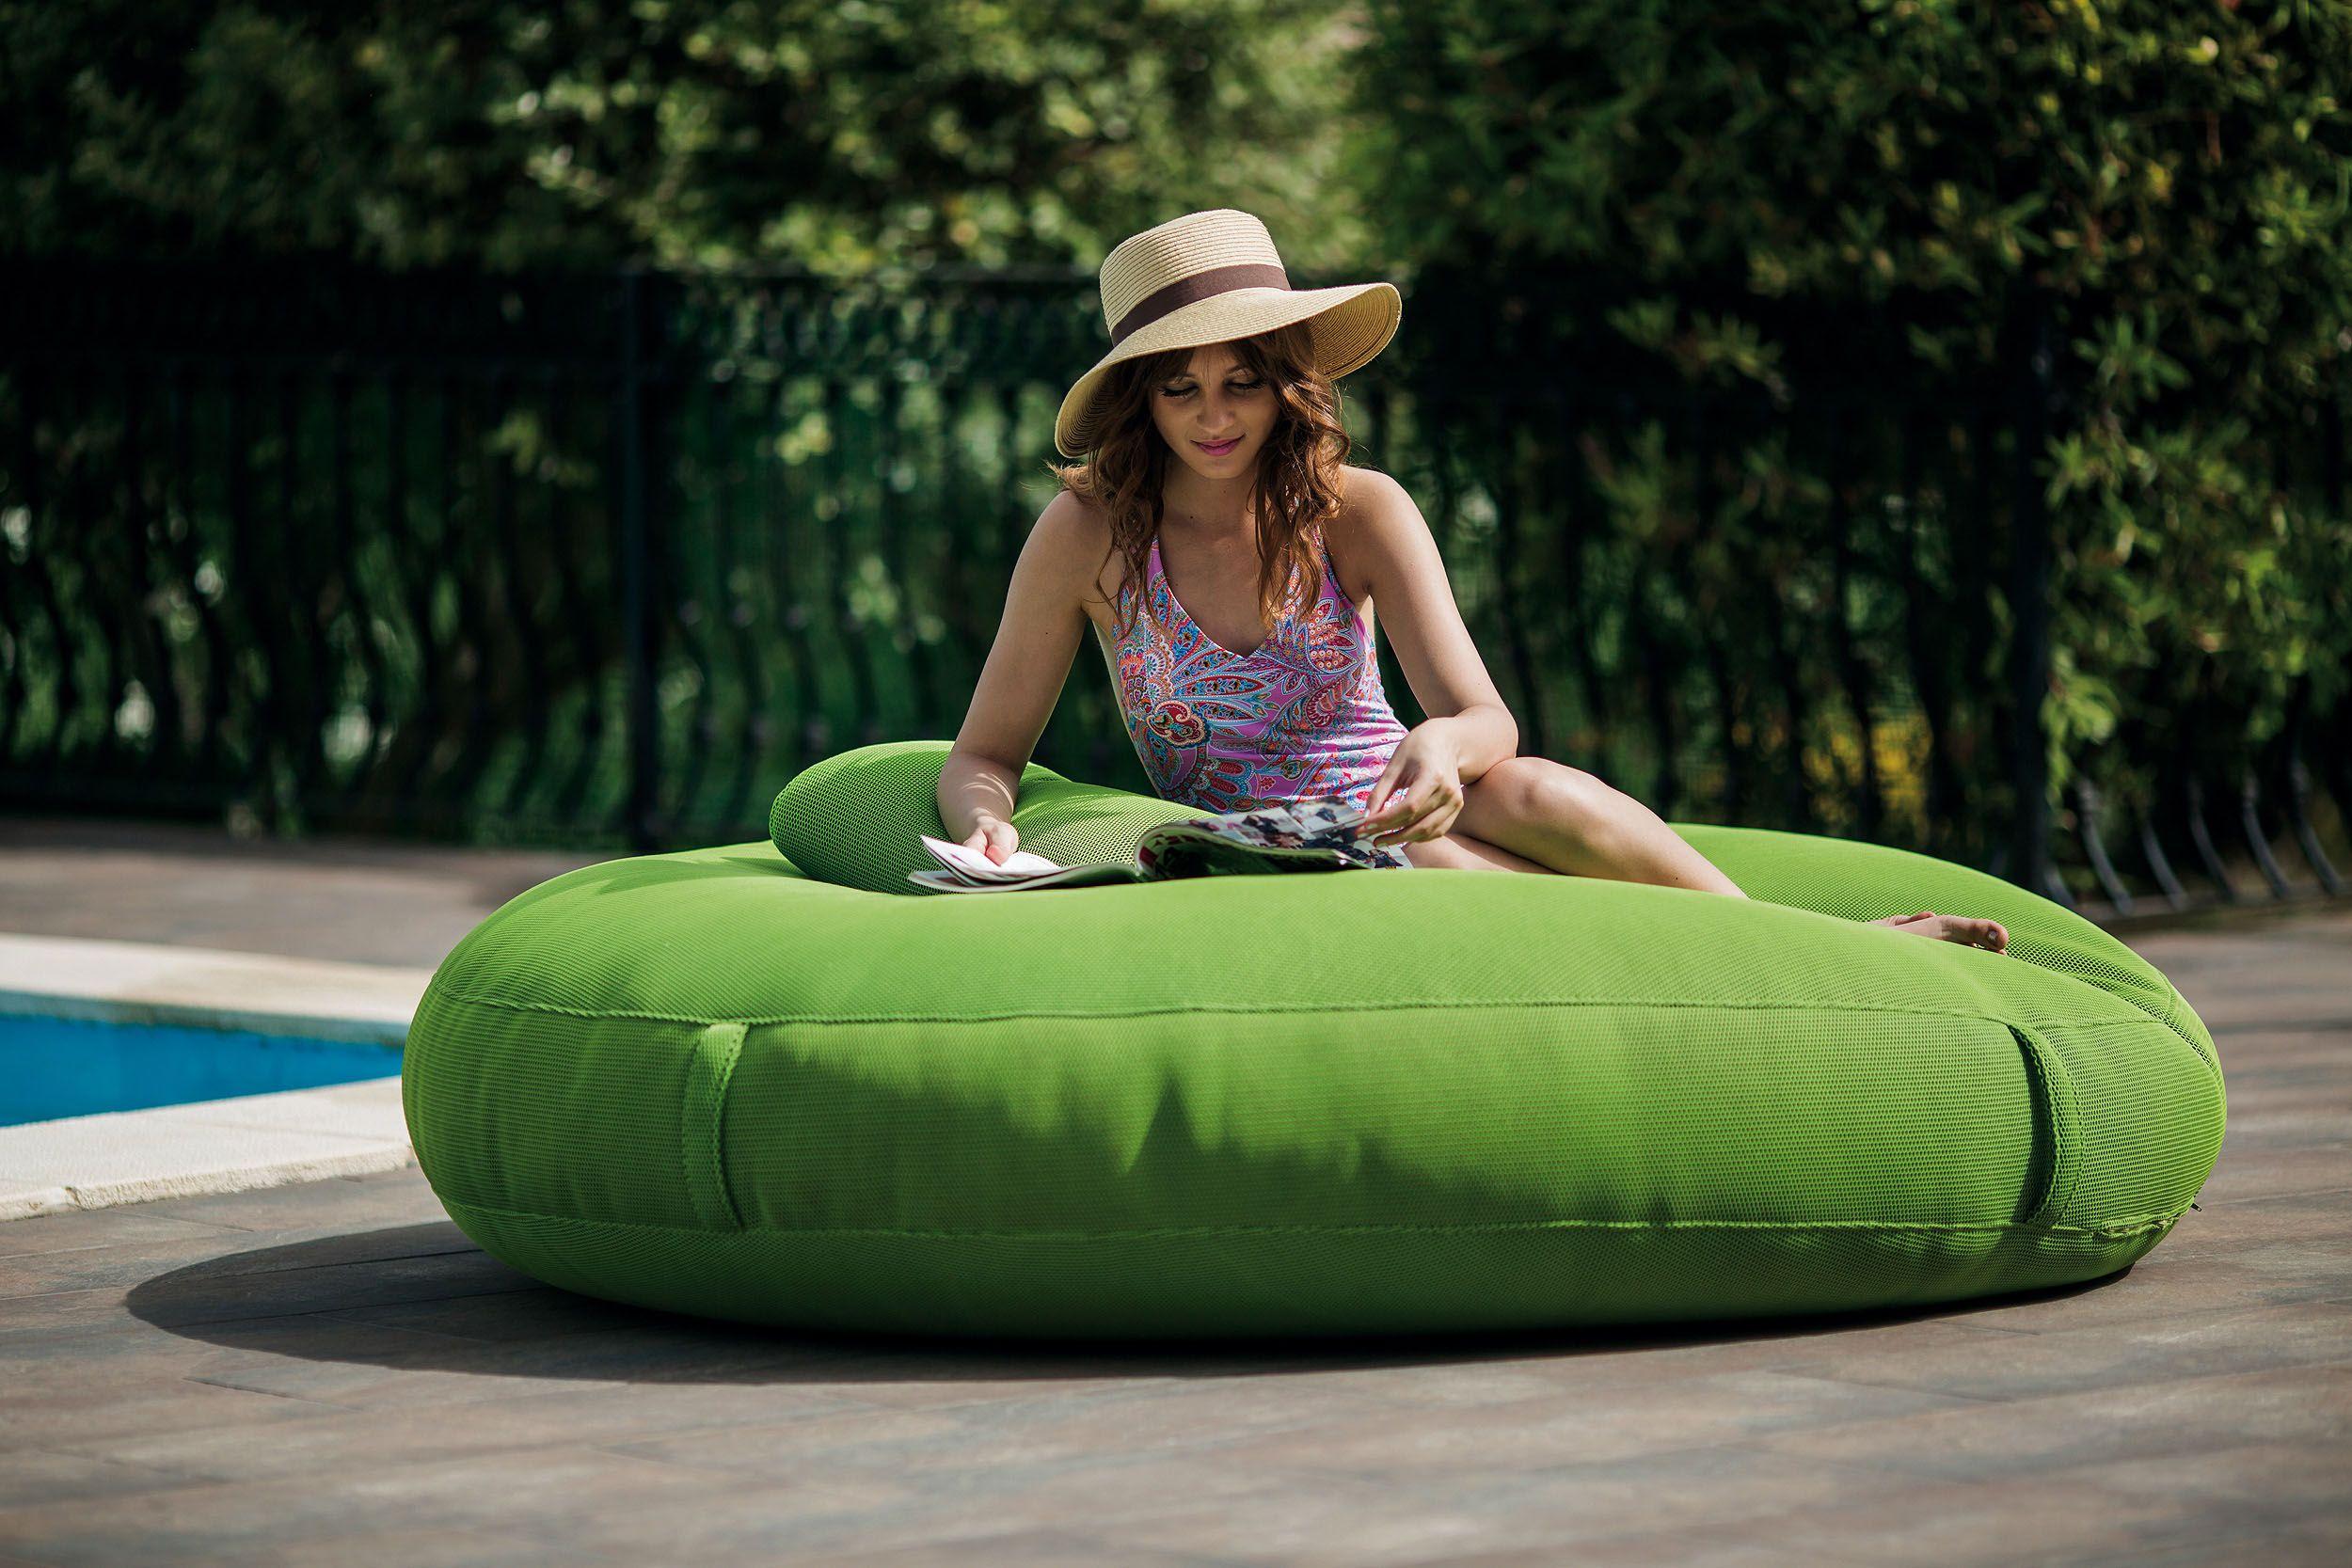 Decora tu jardín o terraza con productos resistentes y atractivos marca Ogo